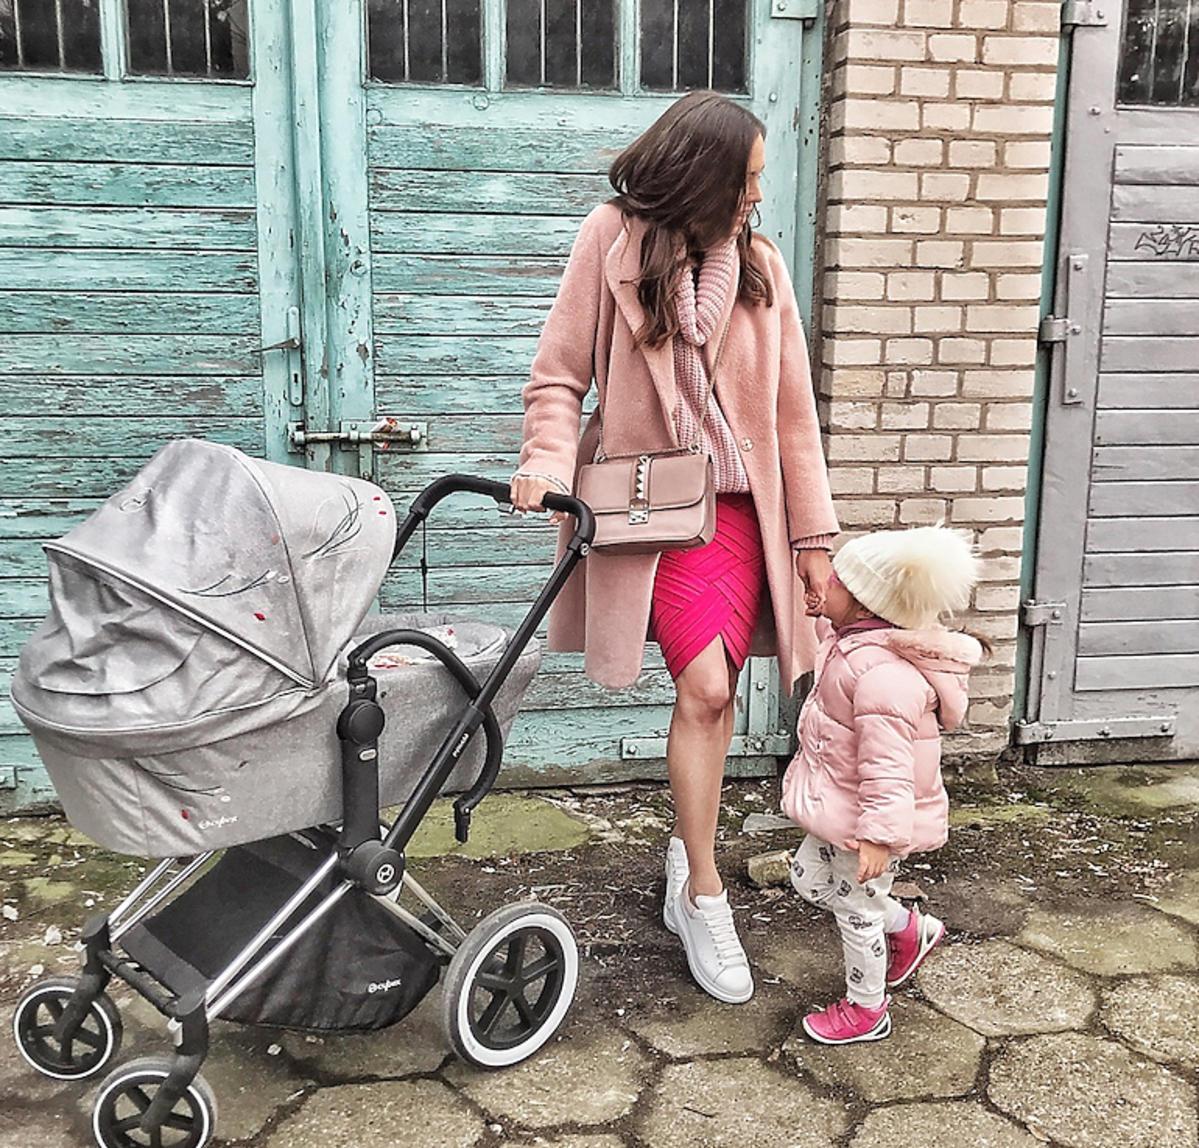 córka Anny Wendzikowskiej jest chora